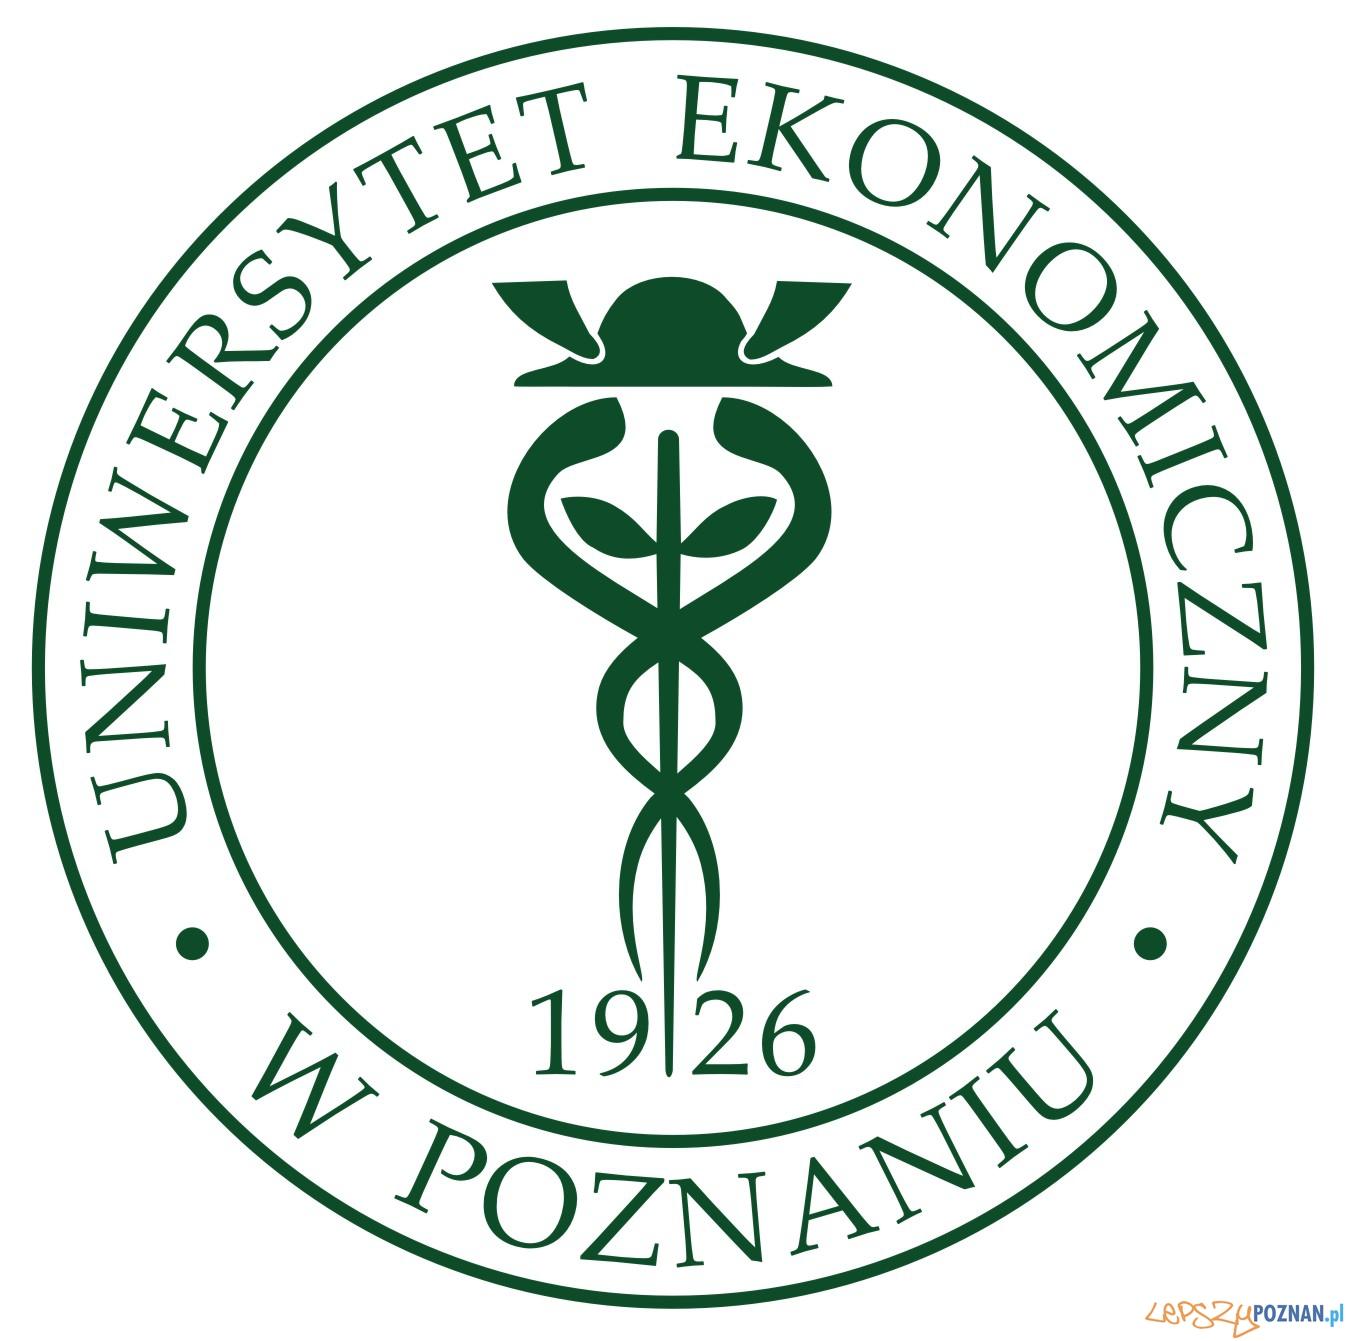 uniwersytet ekonomiczny w poznaniu  Foto: uniwersytet ekonomiczny w poznaniu